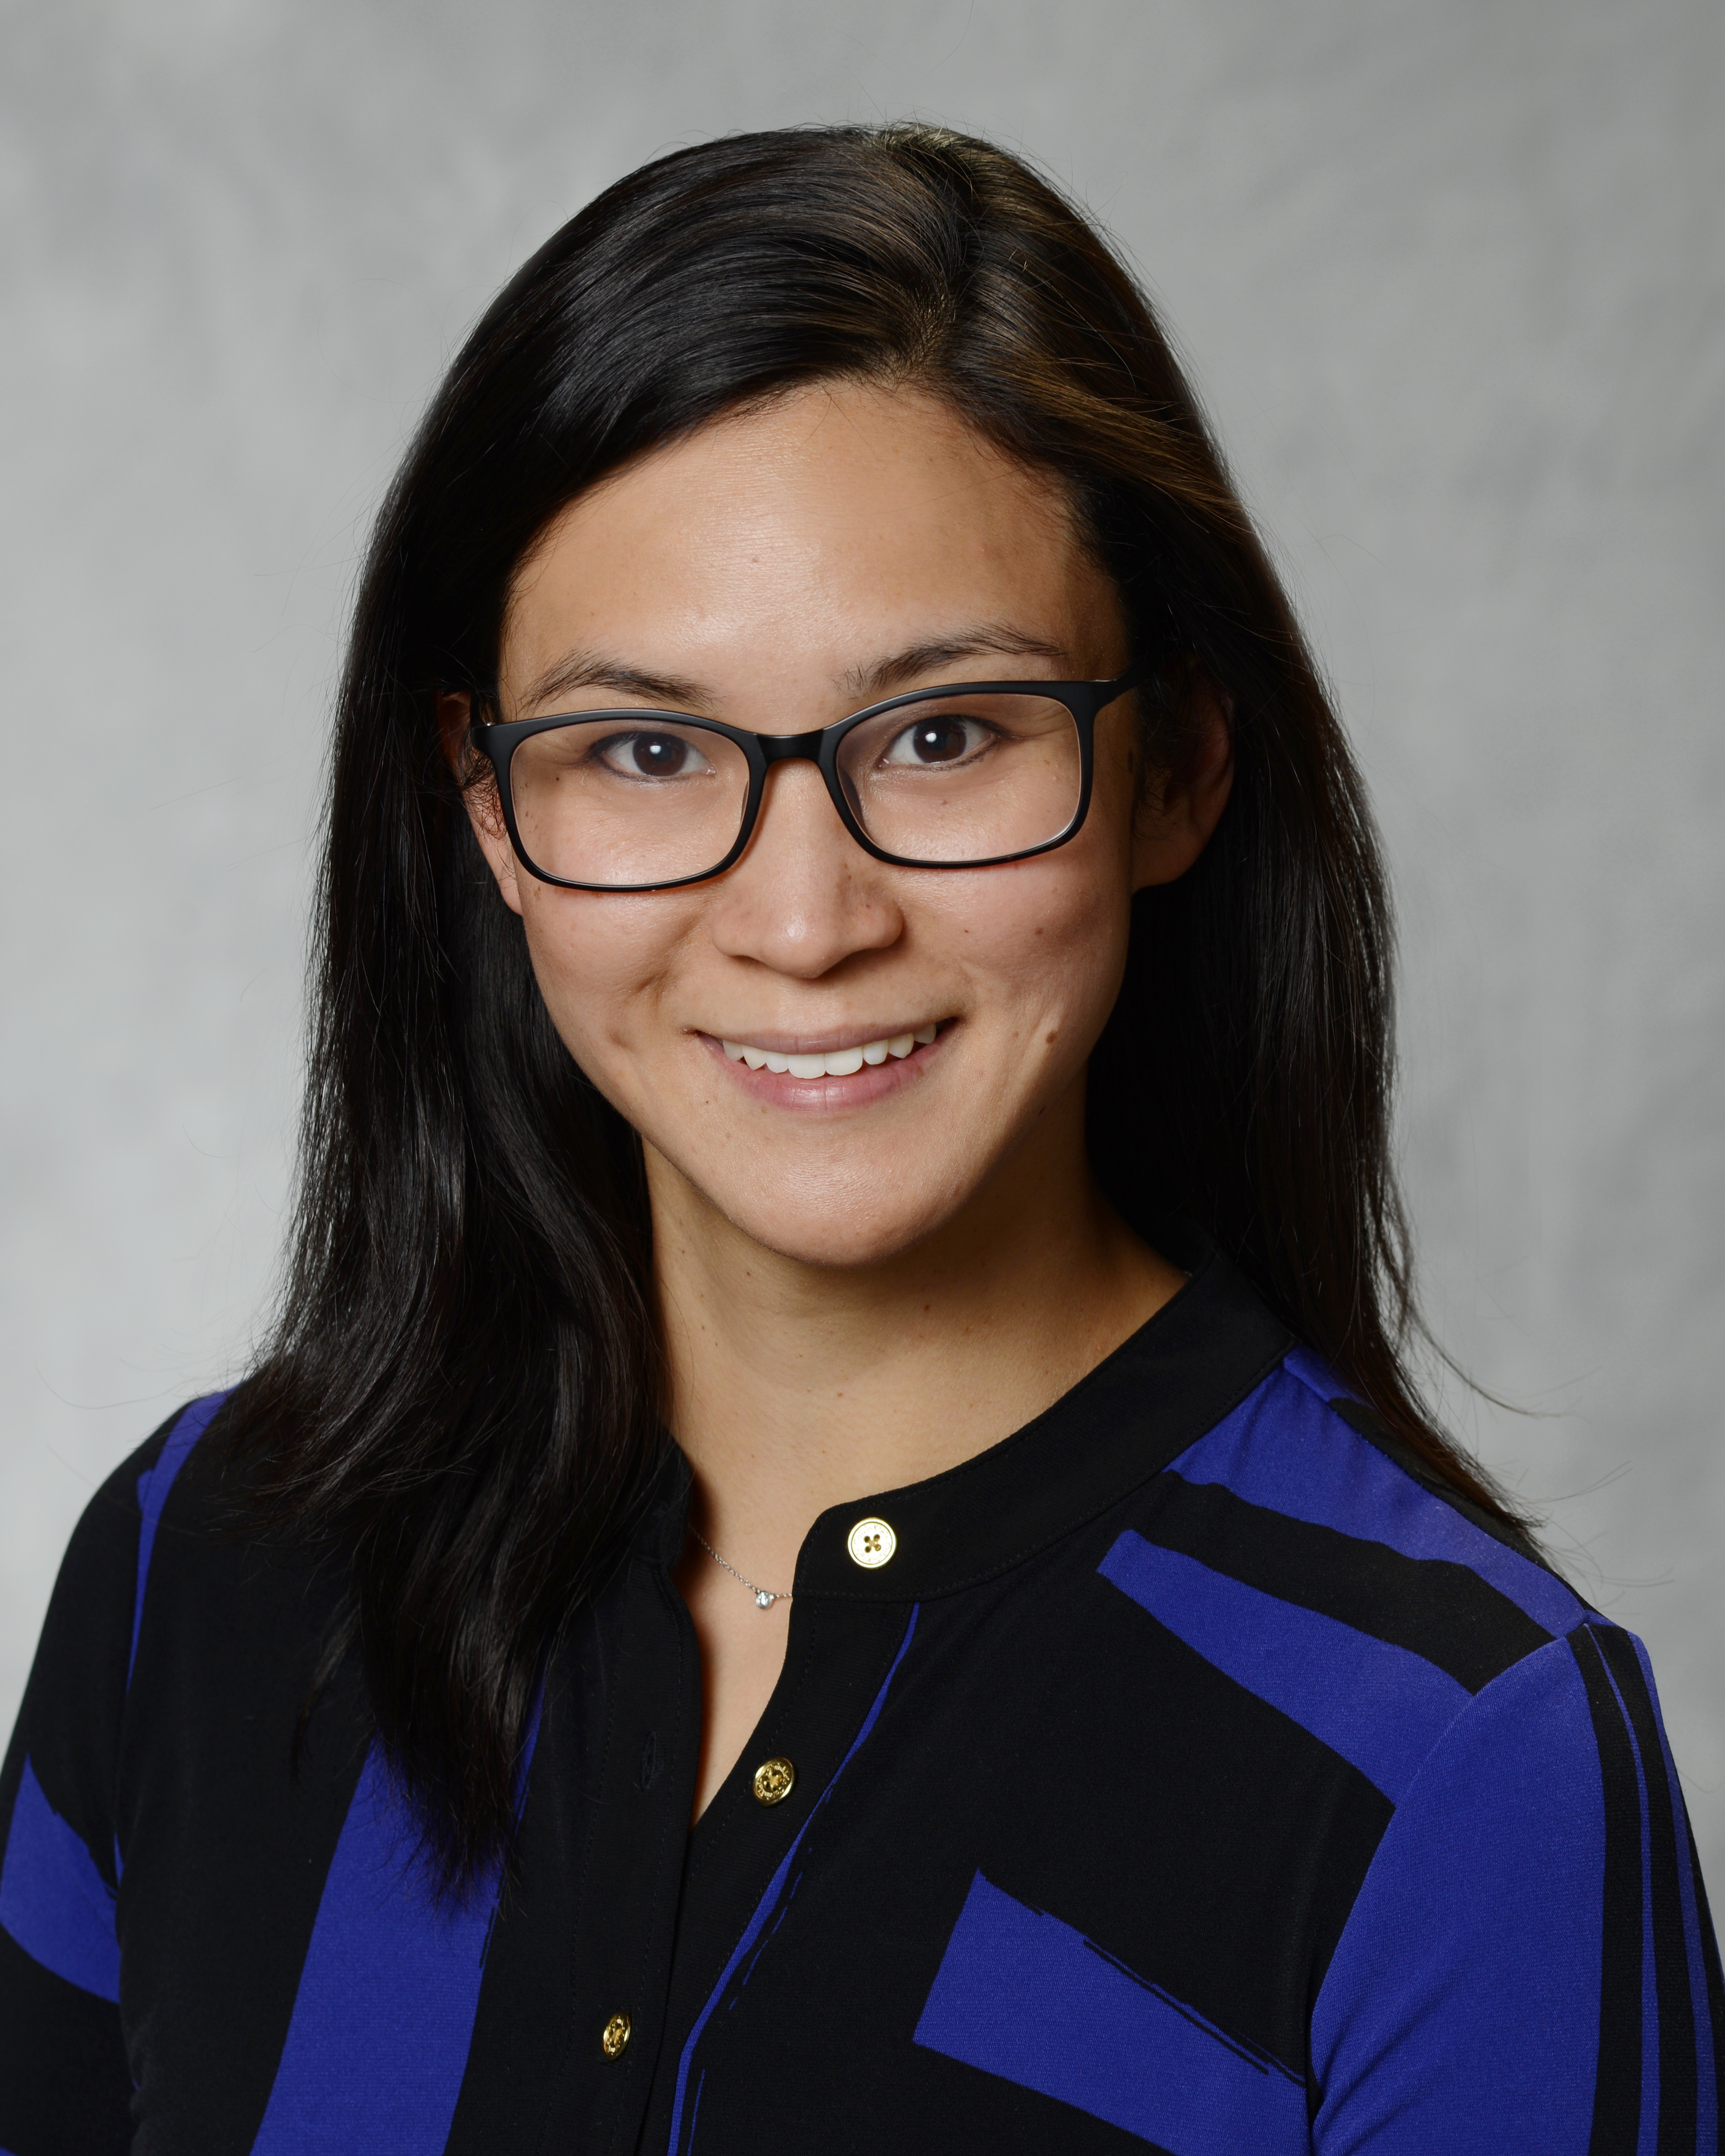 Tammy Chang, M.D., M.P.H., M.S., assistant professor